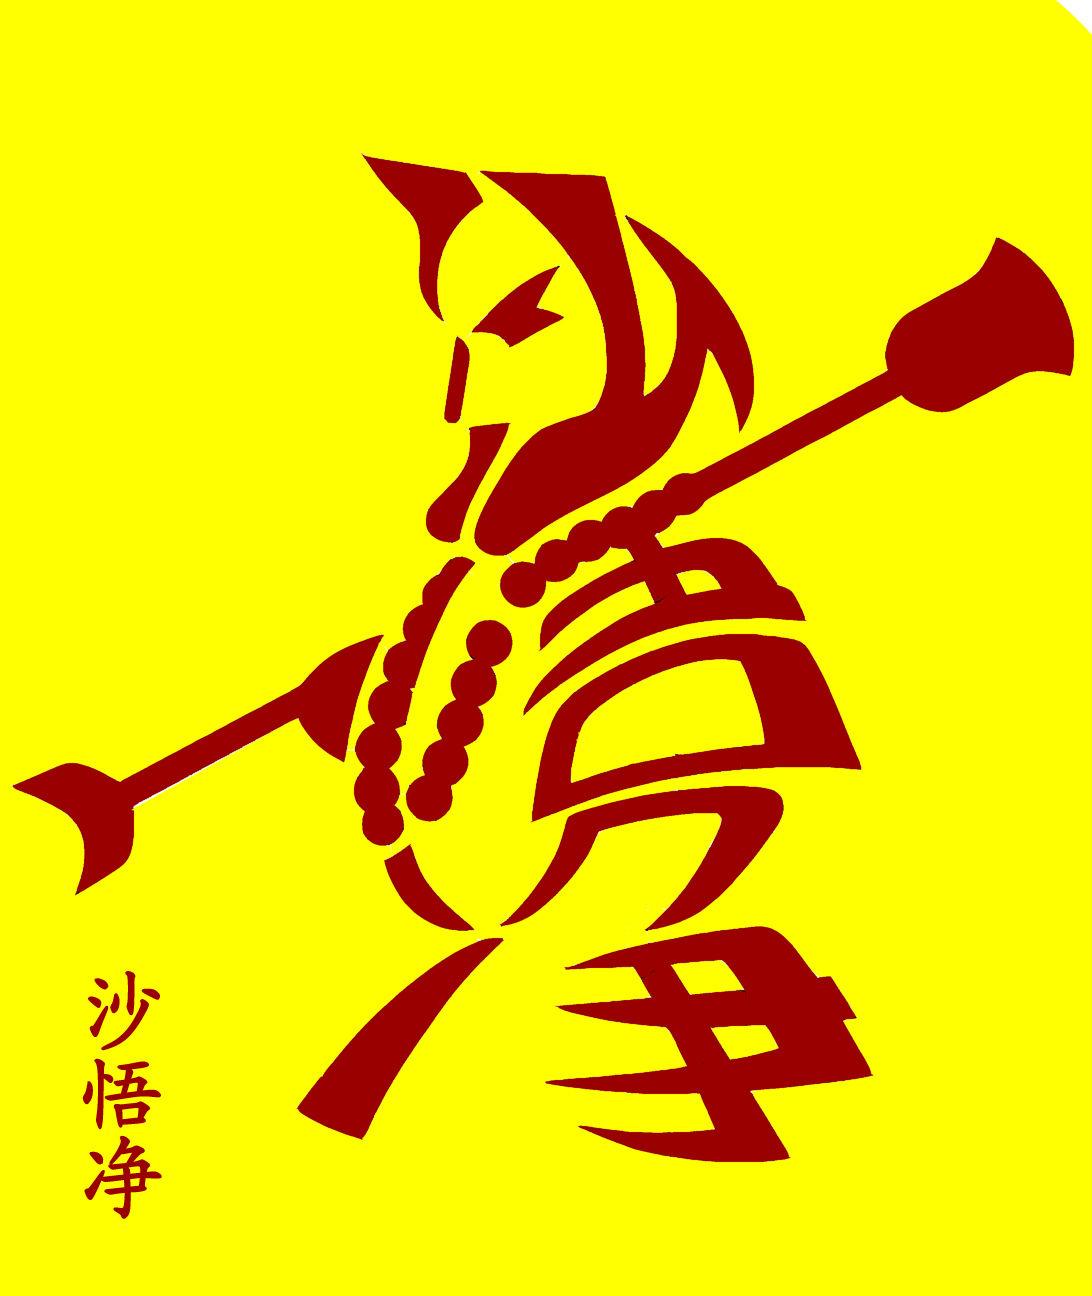 涔愪箰浜轰綋鑹烘湳_能把汉字写成这样,此贴怎能不火?